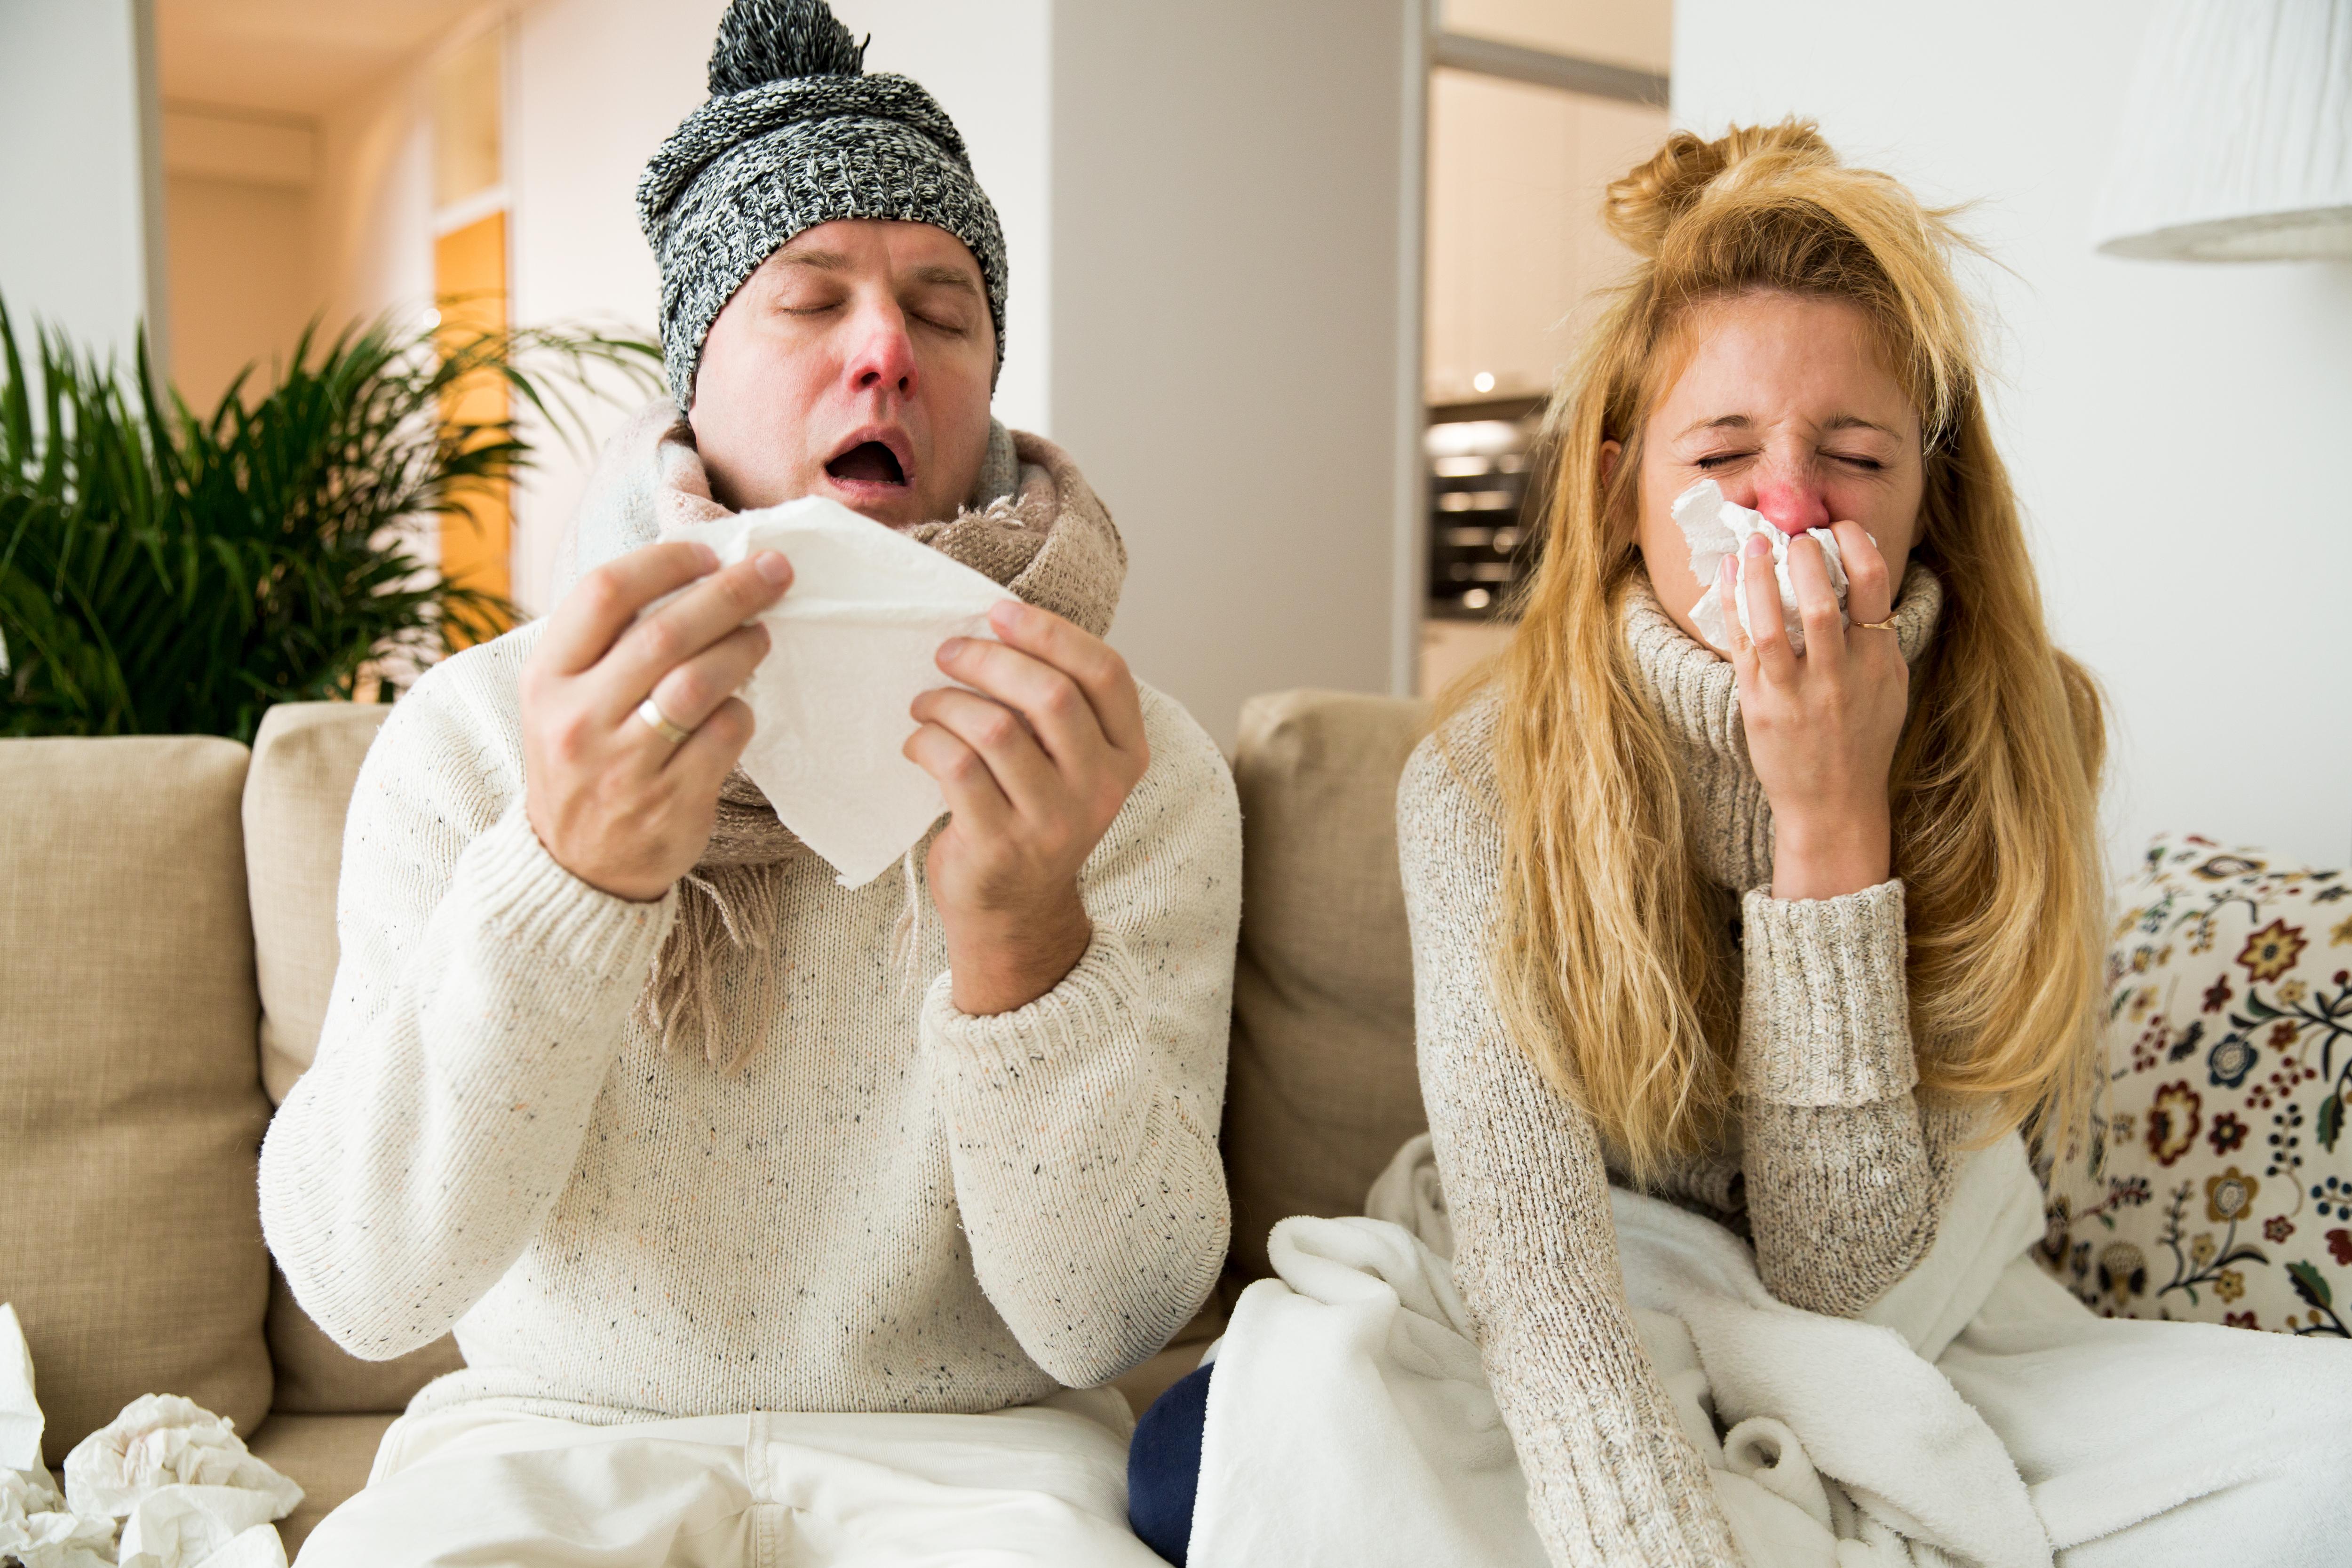 De vanligaste symtomen på influensa är allmän sjukdomskänsla, hög feber, hosta och snuva.